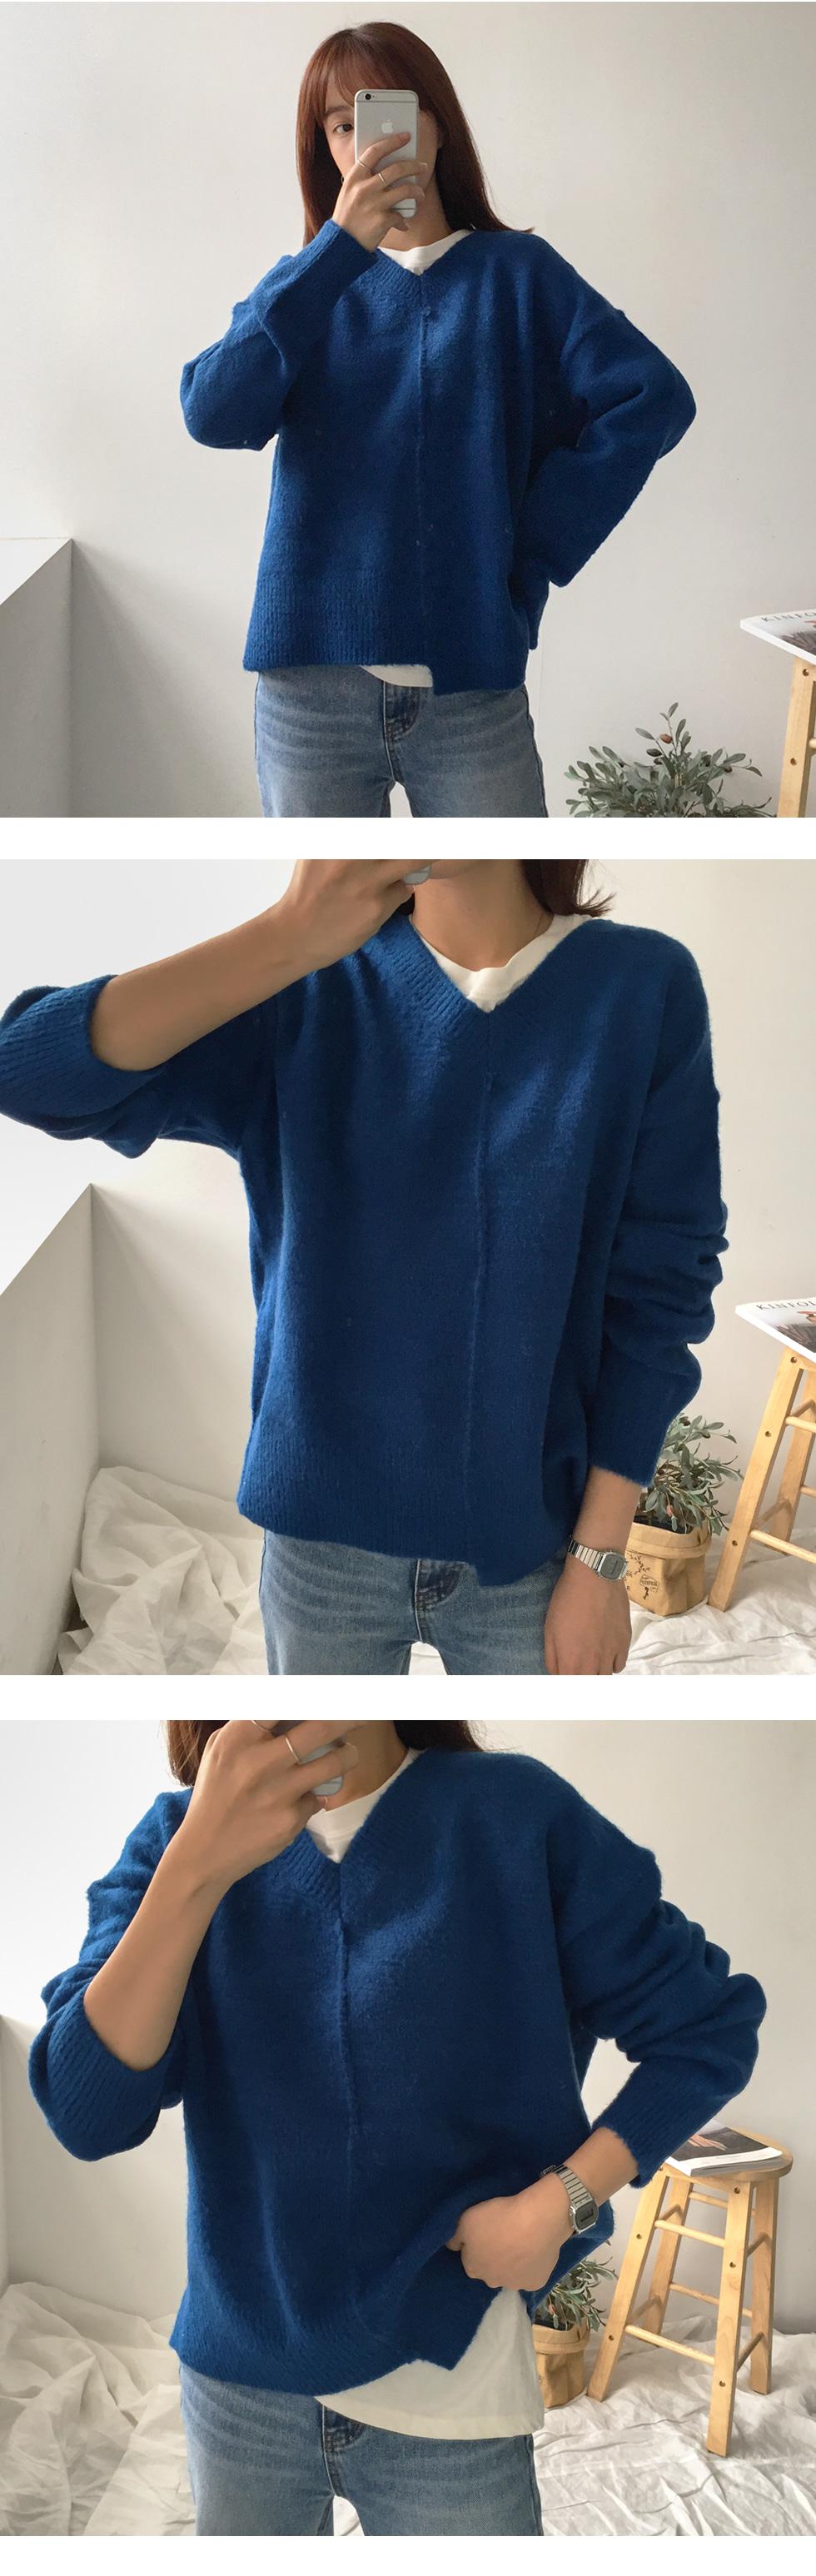 Uneven knit